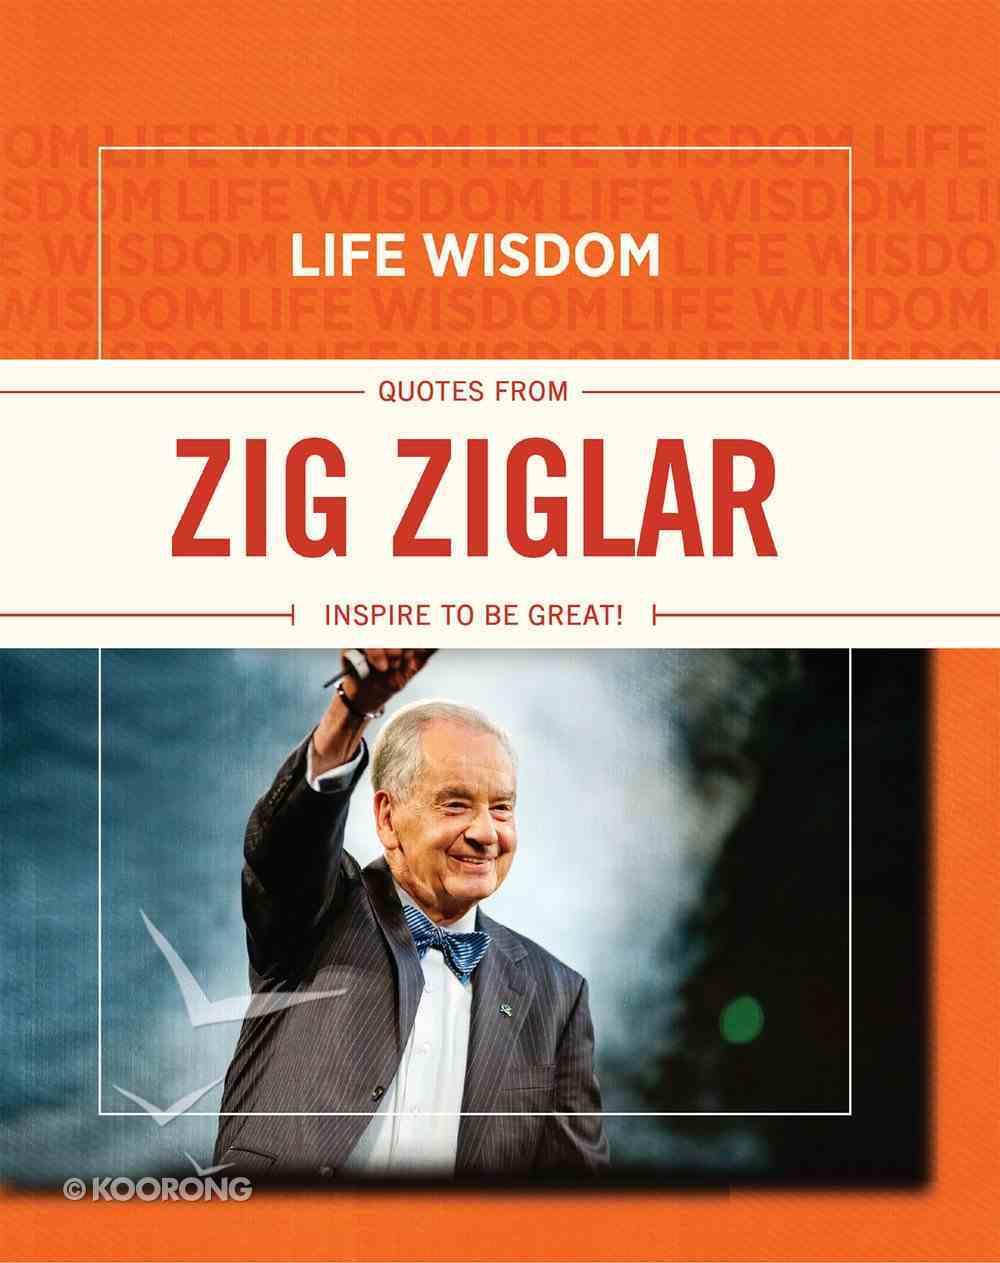 Quotes From Zig Ziglar (Life Wisdom Series) eBook